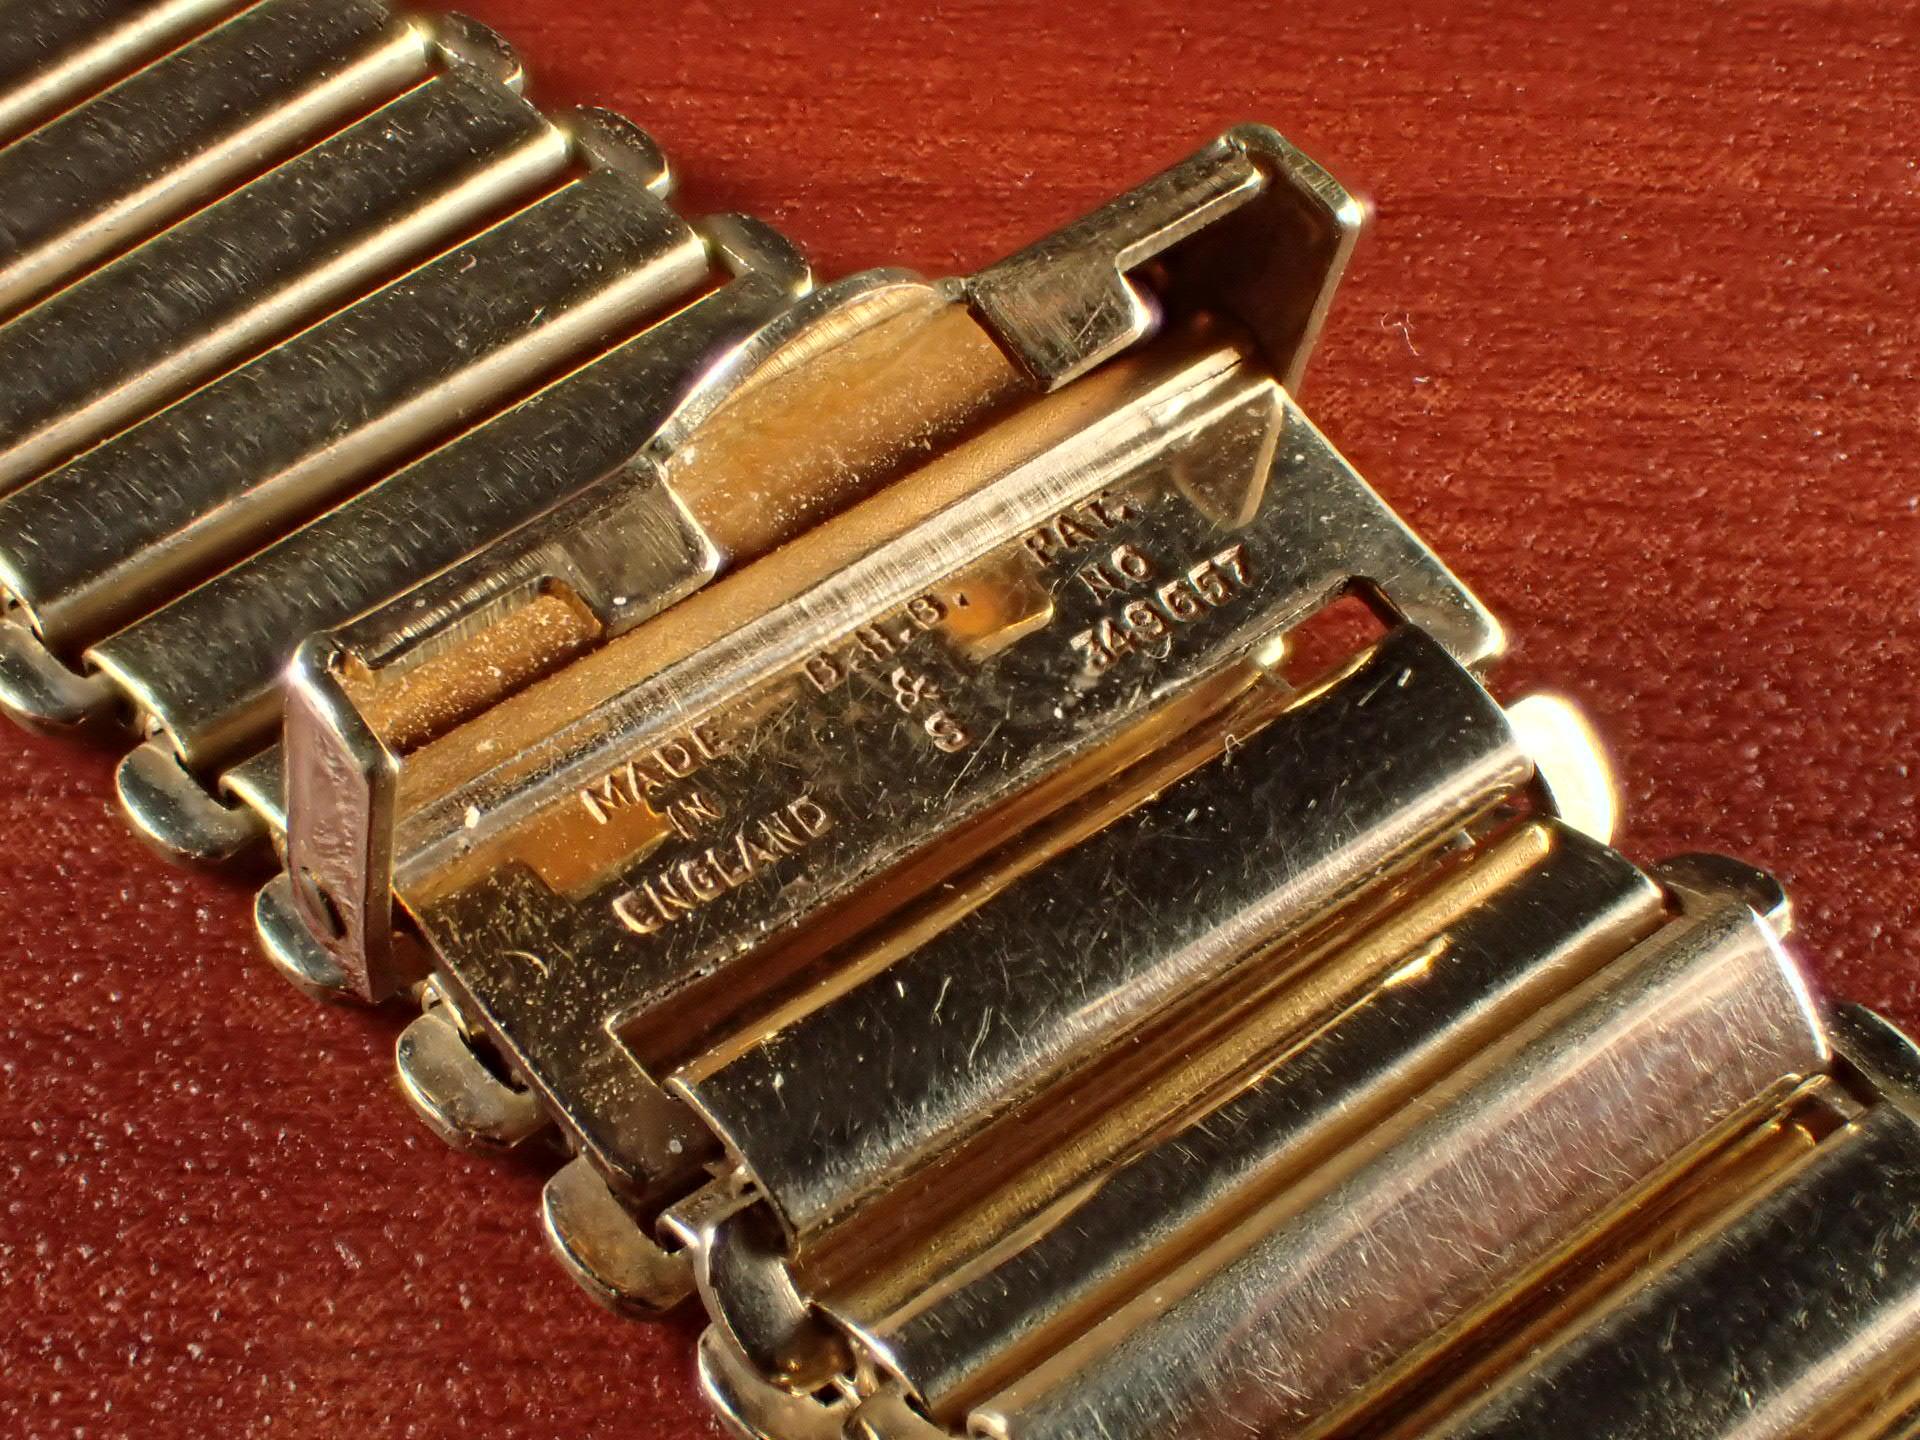 ボンクリップ バンブーブレス NOS リンク16mm 取付18mm YGF 1940年代の写真3枚目